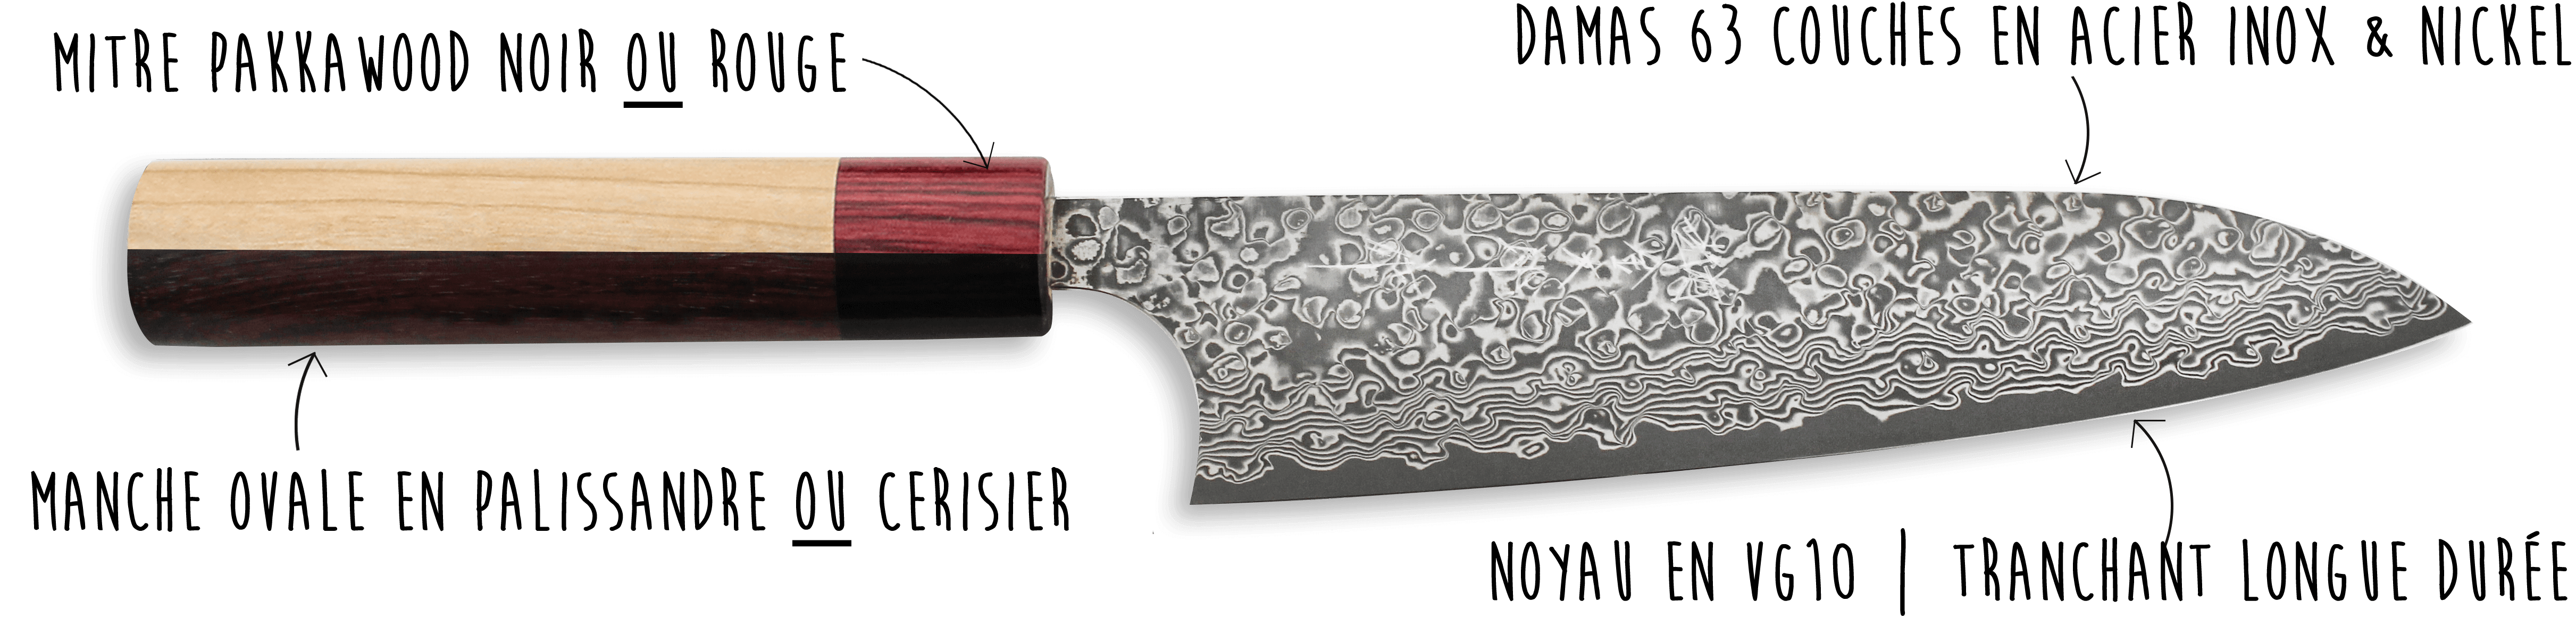 Découvrez le couteau Yoshimi Kato ici